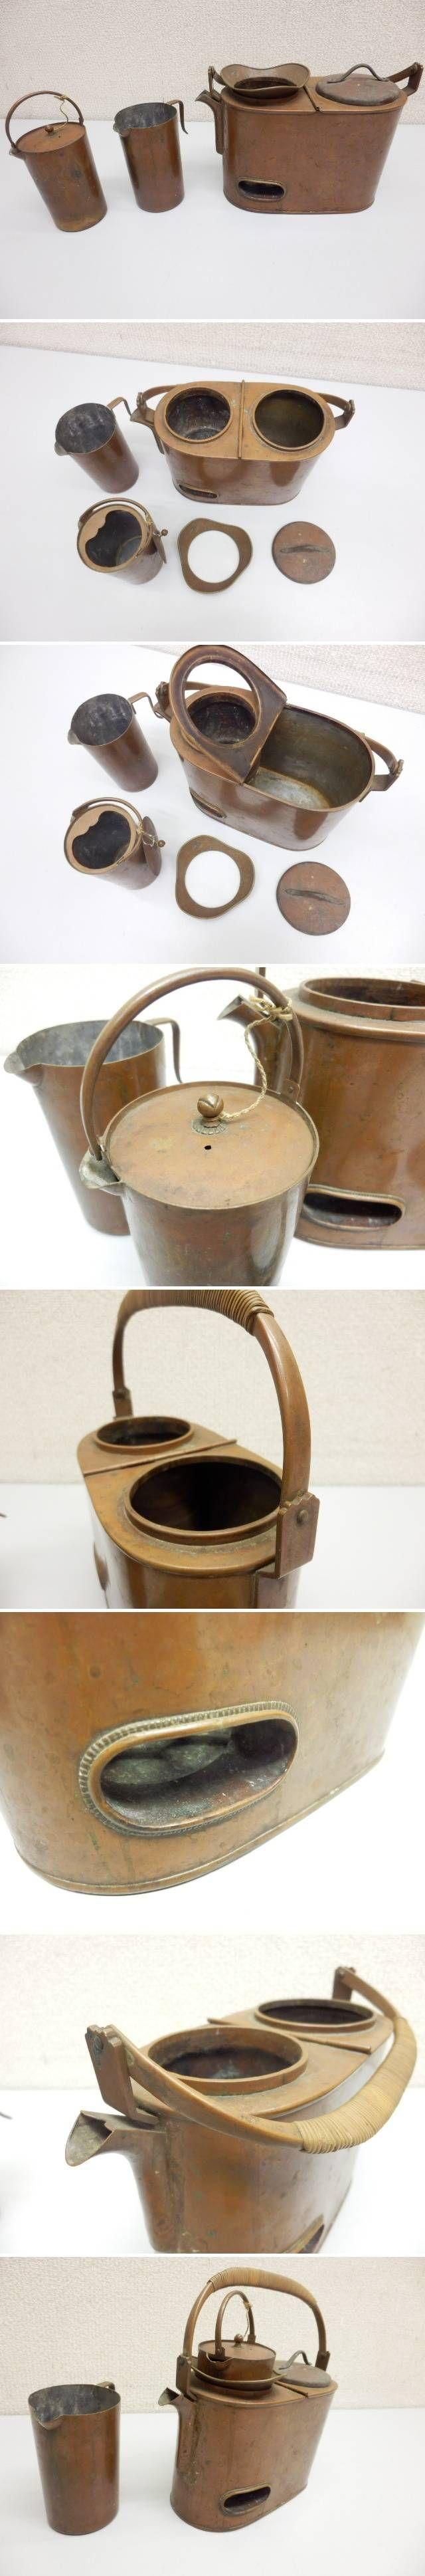 y865 古銅製 茶道具 湯沸 酒燗器 - ヤフオク!